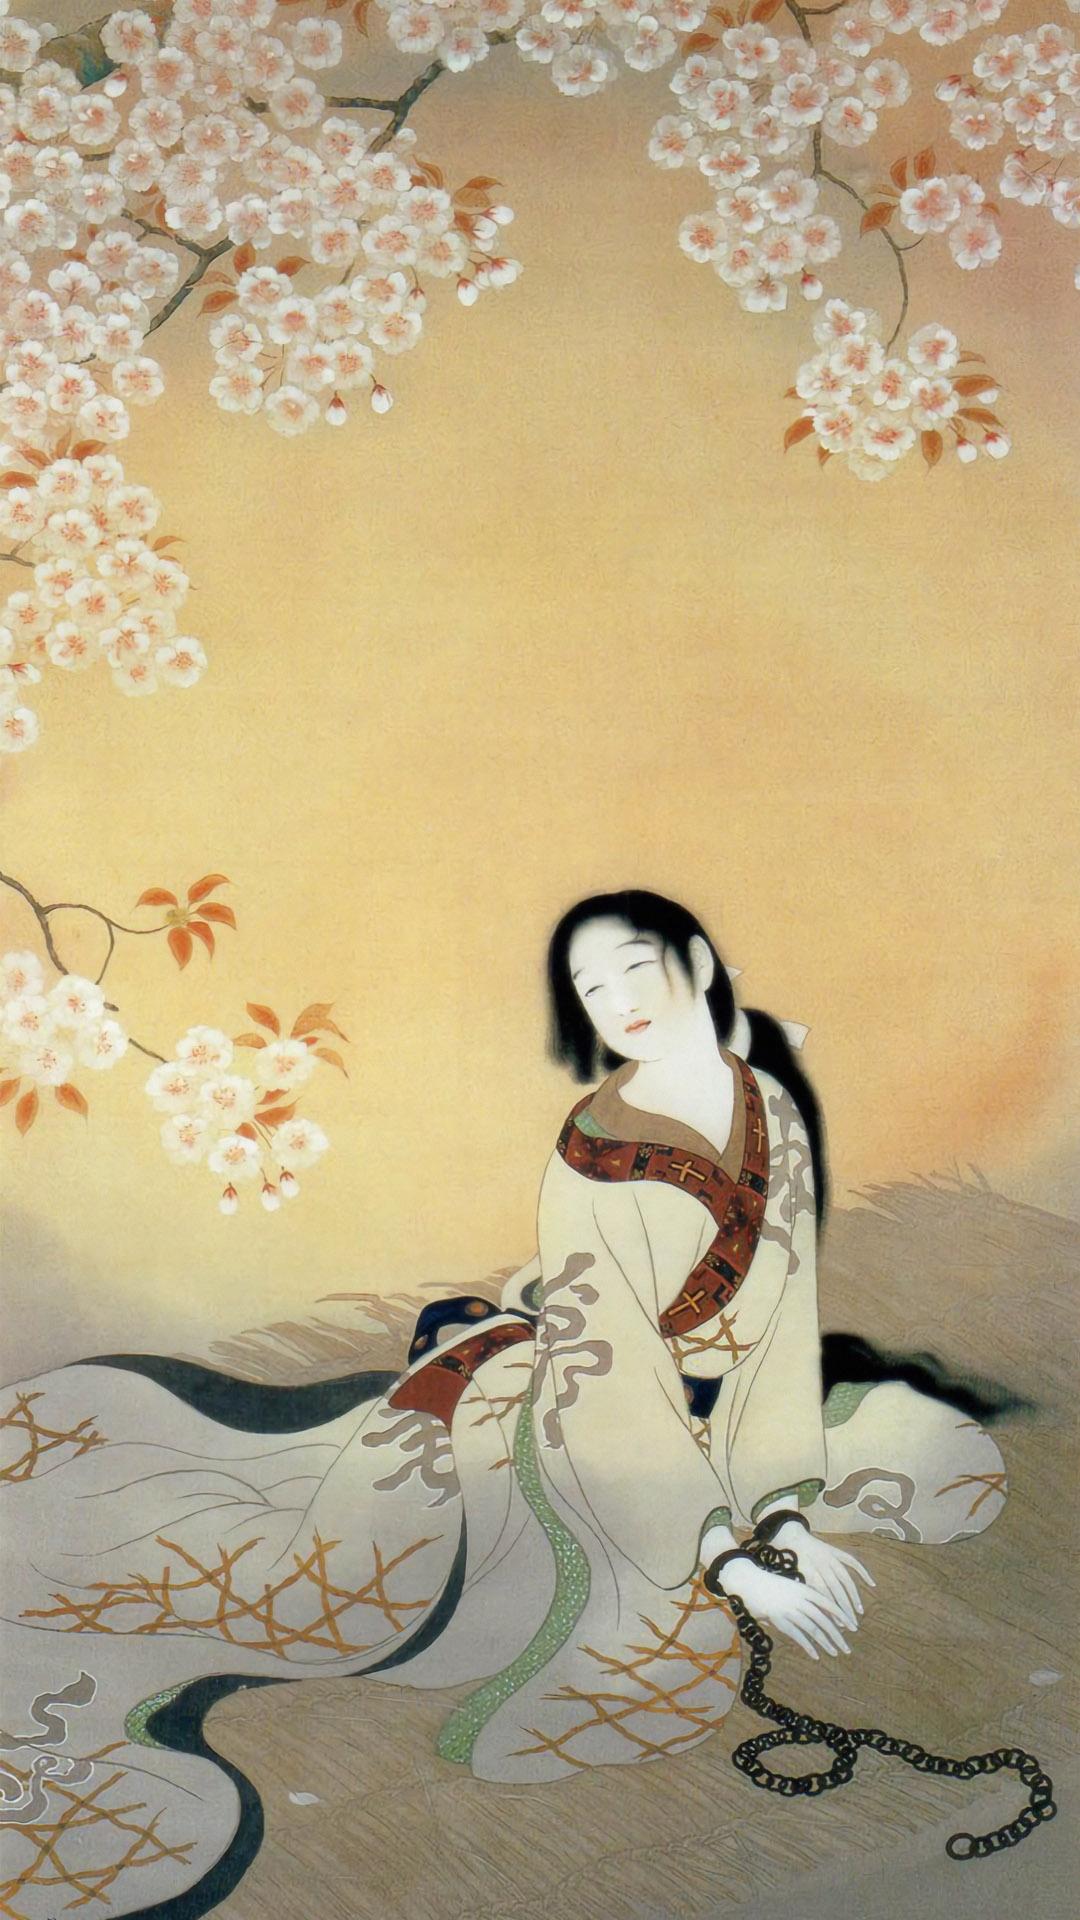 Matsumoto Kayo - Junkyo Bateren oharu 1080x1920